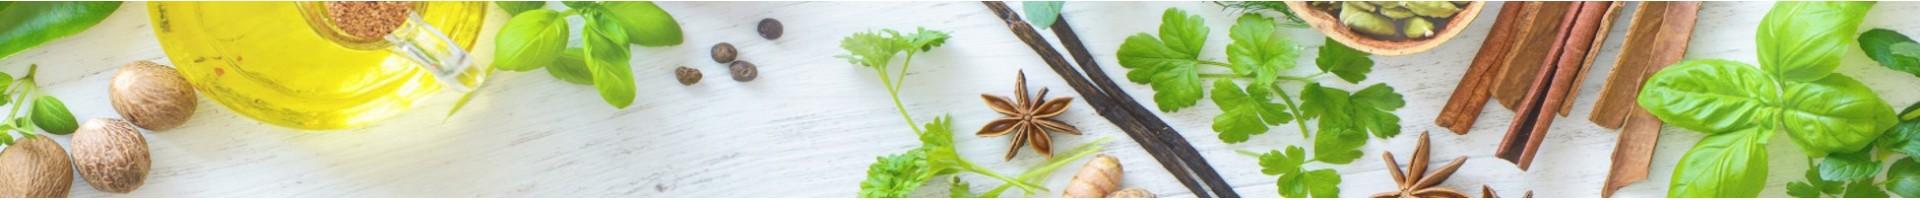 Aceites, Salsas y Condimentos: Jengibre, Cúrcuma | La Finestra